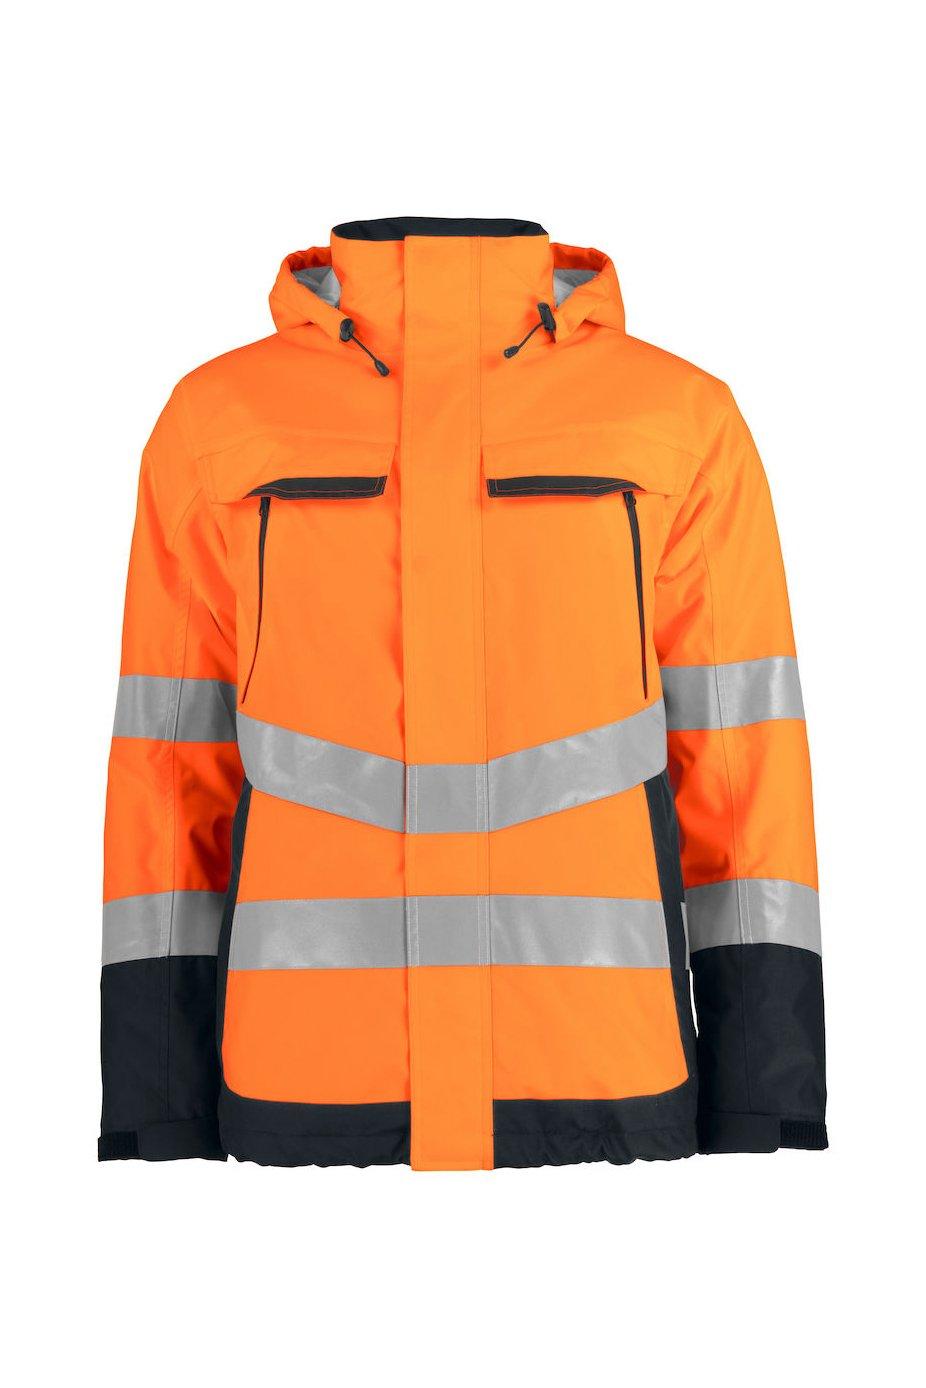 Gefütterte wind- und wasserdichte Warnschutz-Jacke EN ISO 20471 Klasse 3, ISO 343, gelb/marineblau